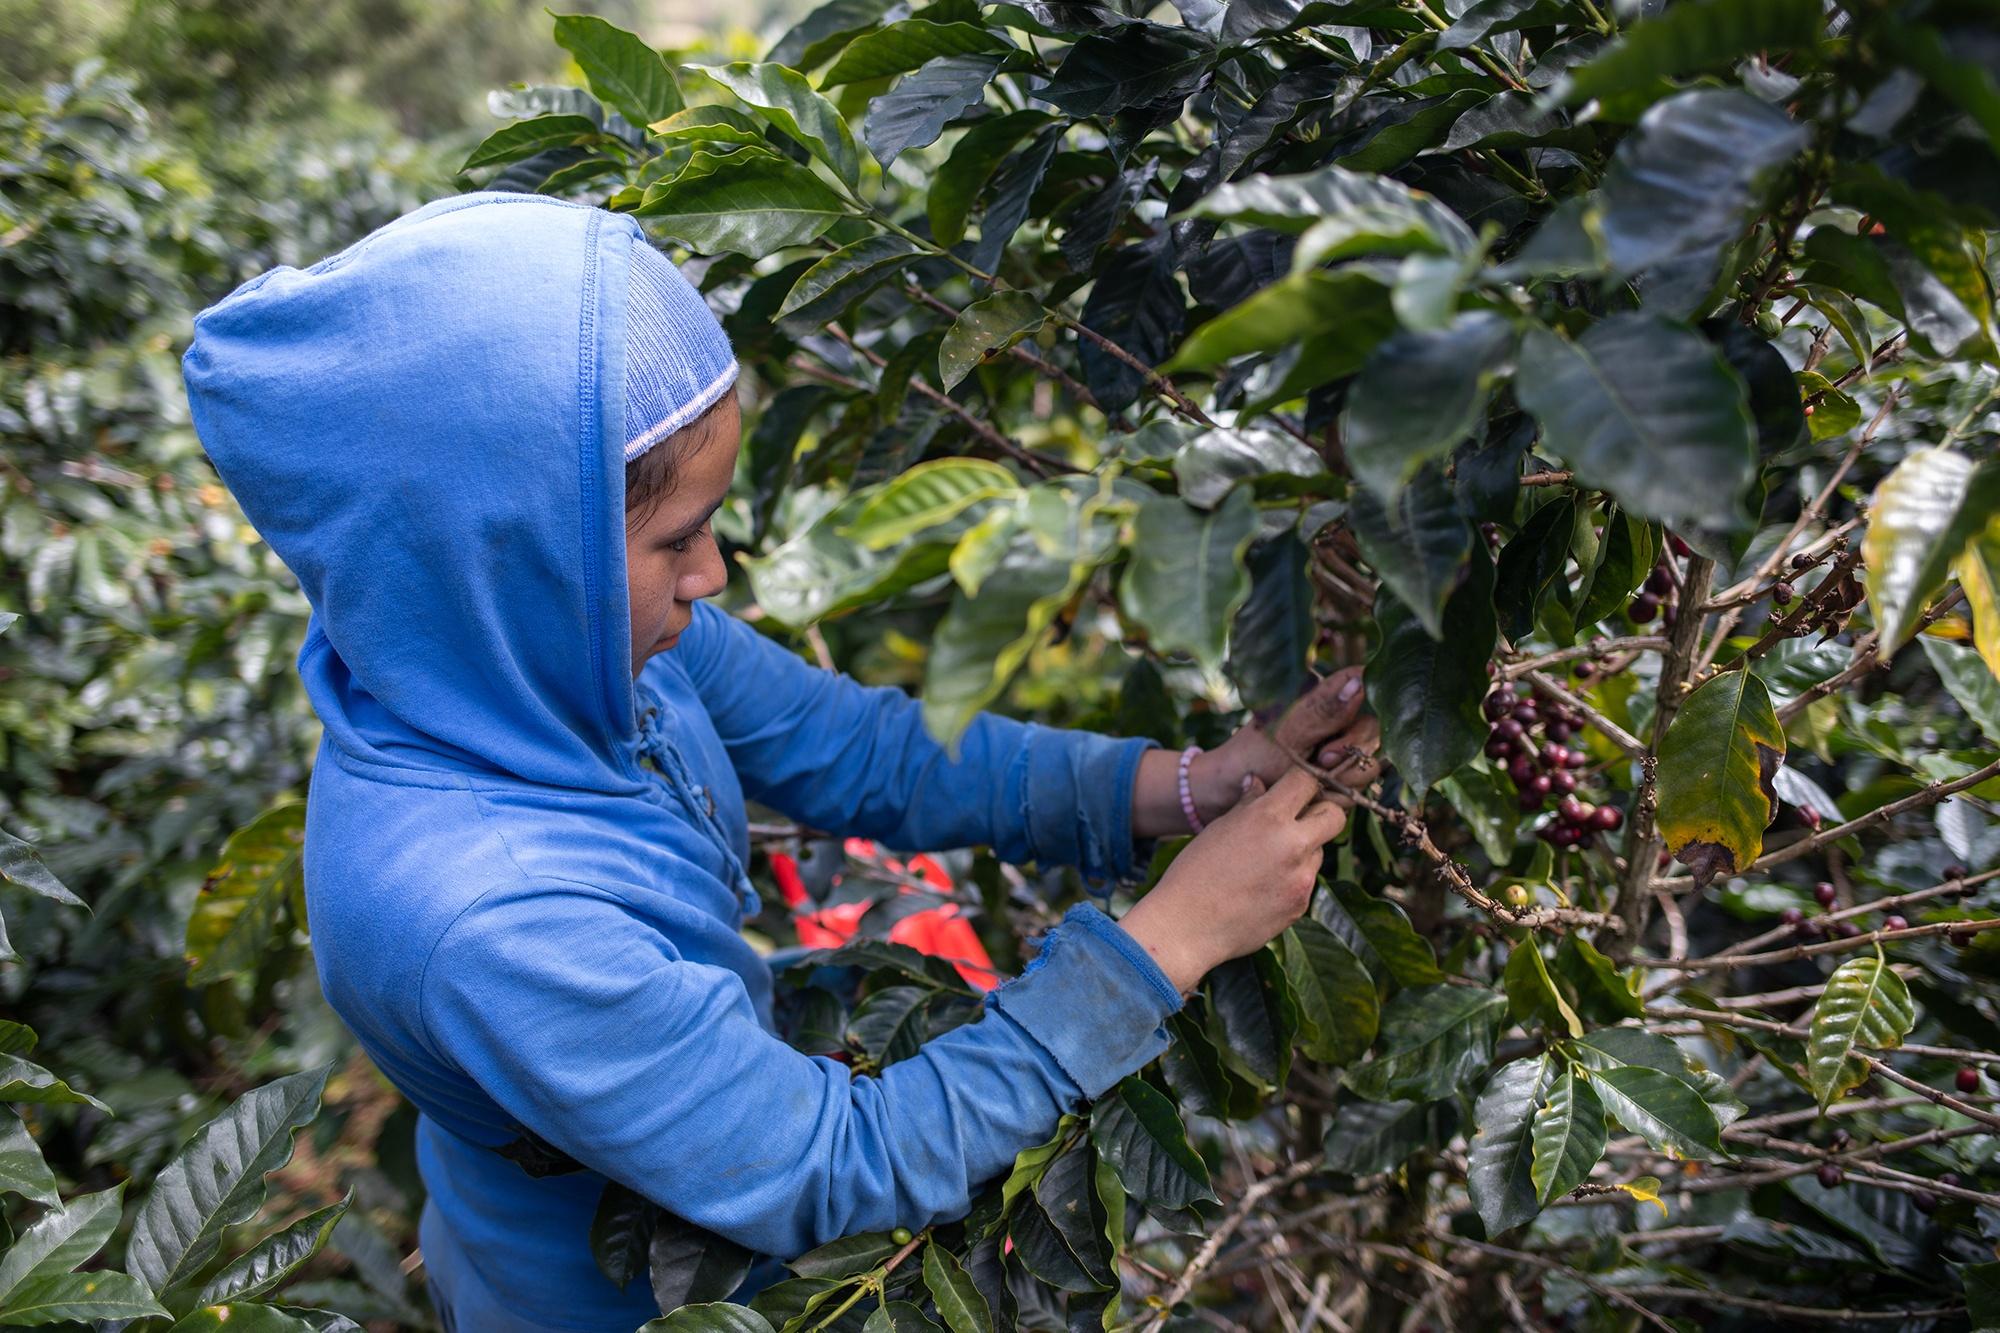 En las fincas de café se incorporan los niños a la cosecha junto a sus familias debido a las precarias condiciones de vida en sus comunidades. Corquín, Copán, 27 de febrero de 2021. Foto: Martín Cálix.